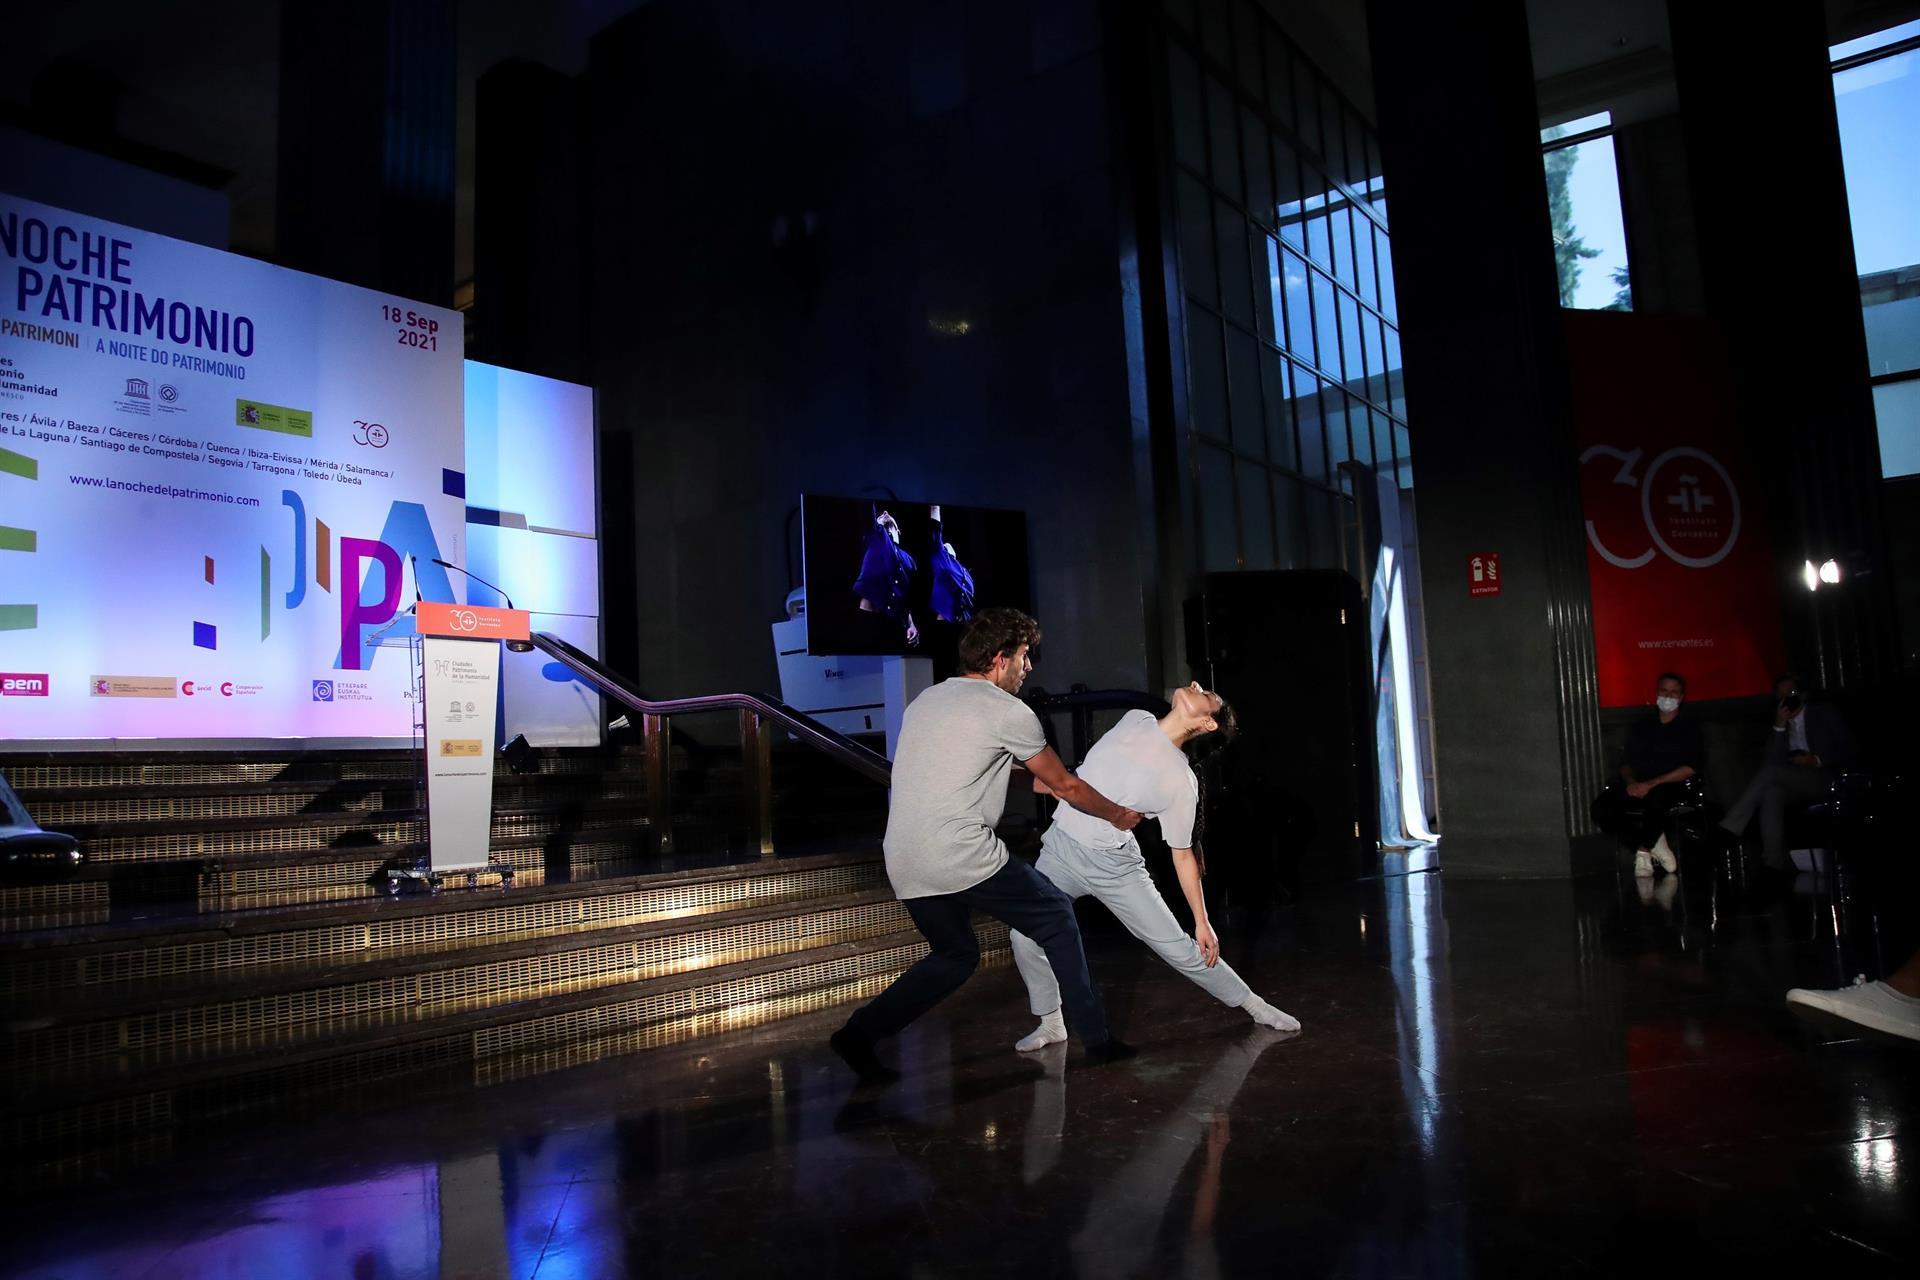 """Los bailarines Carmen Fumero y Miguel Zomar durante la presentación de """"La Noche del Patrimonio"""" 2021 en la sede del Instituto Cervantes, en Madrid. EFE/David Fernández"""